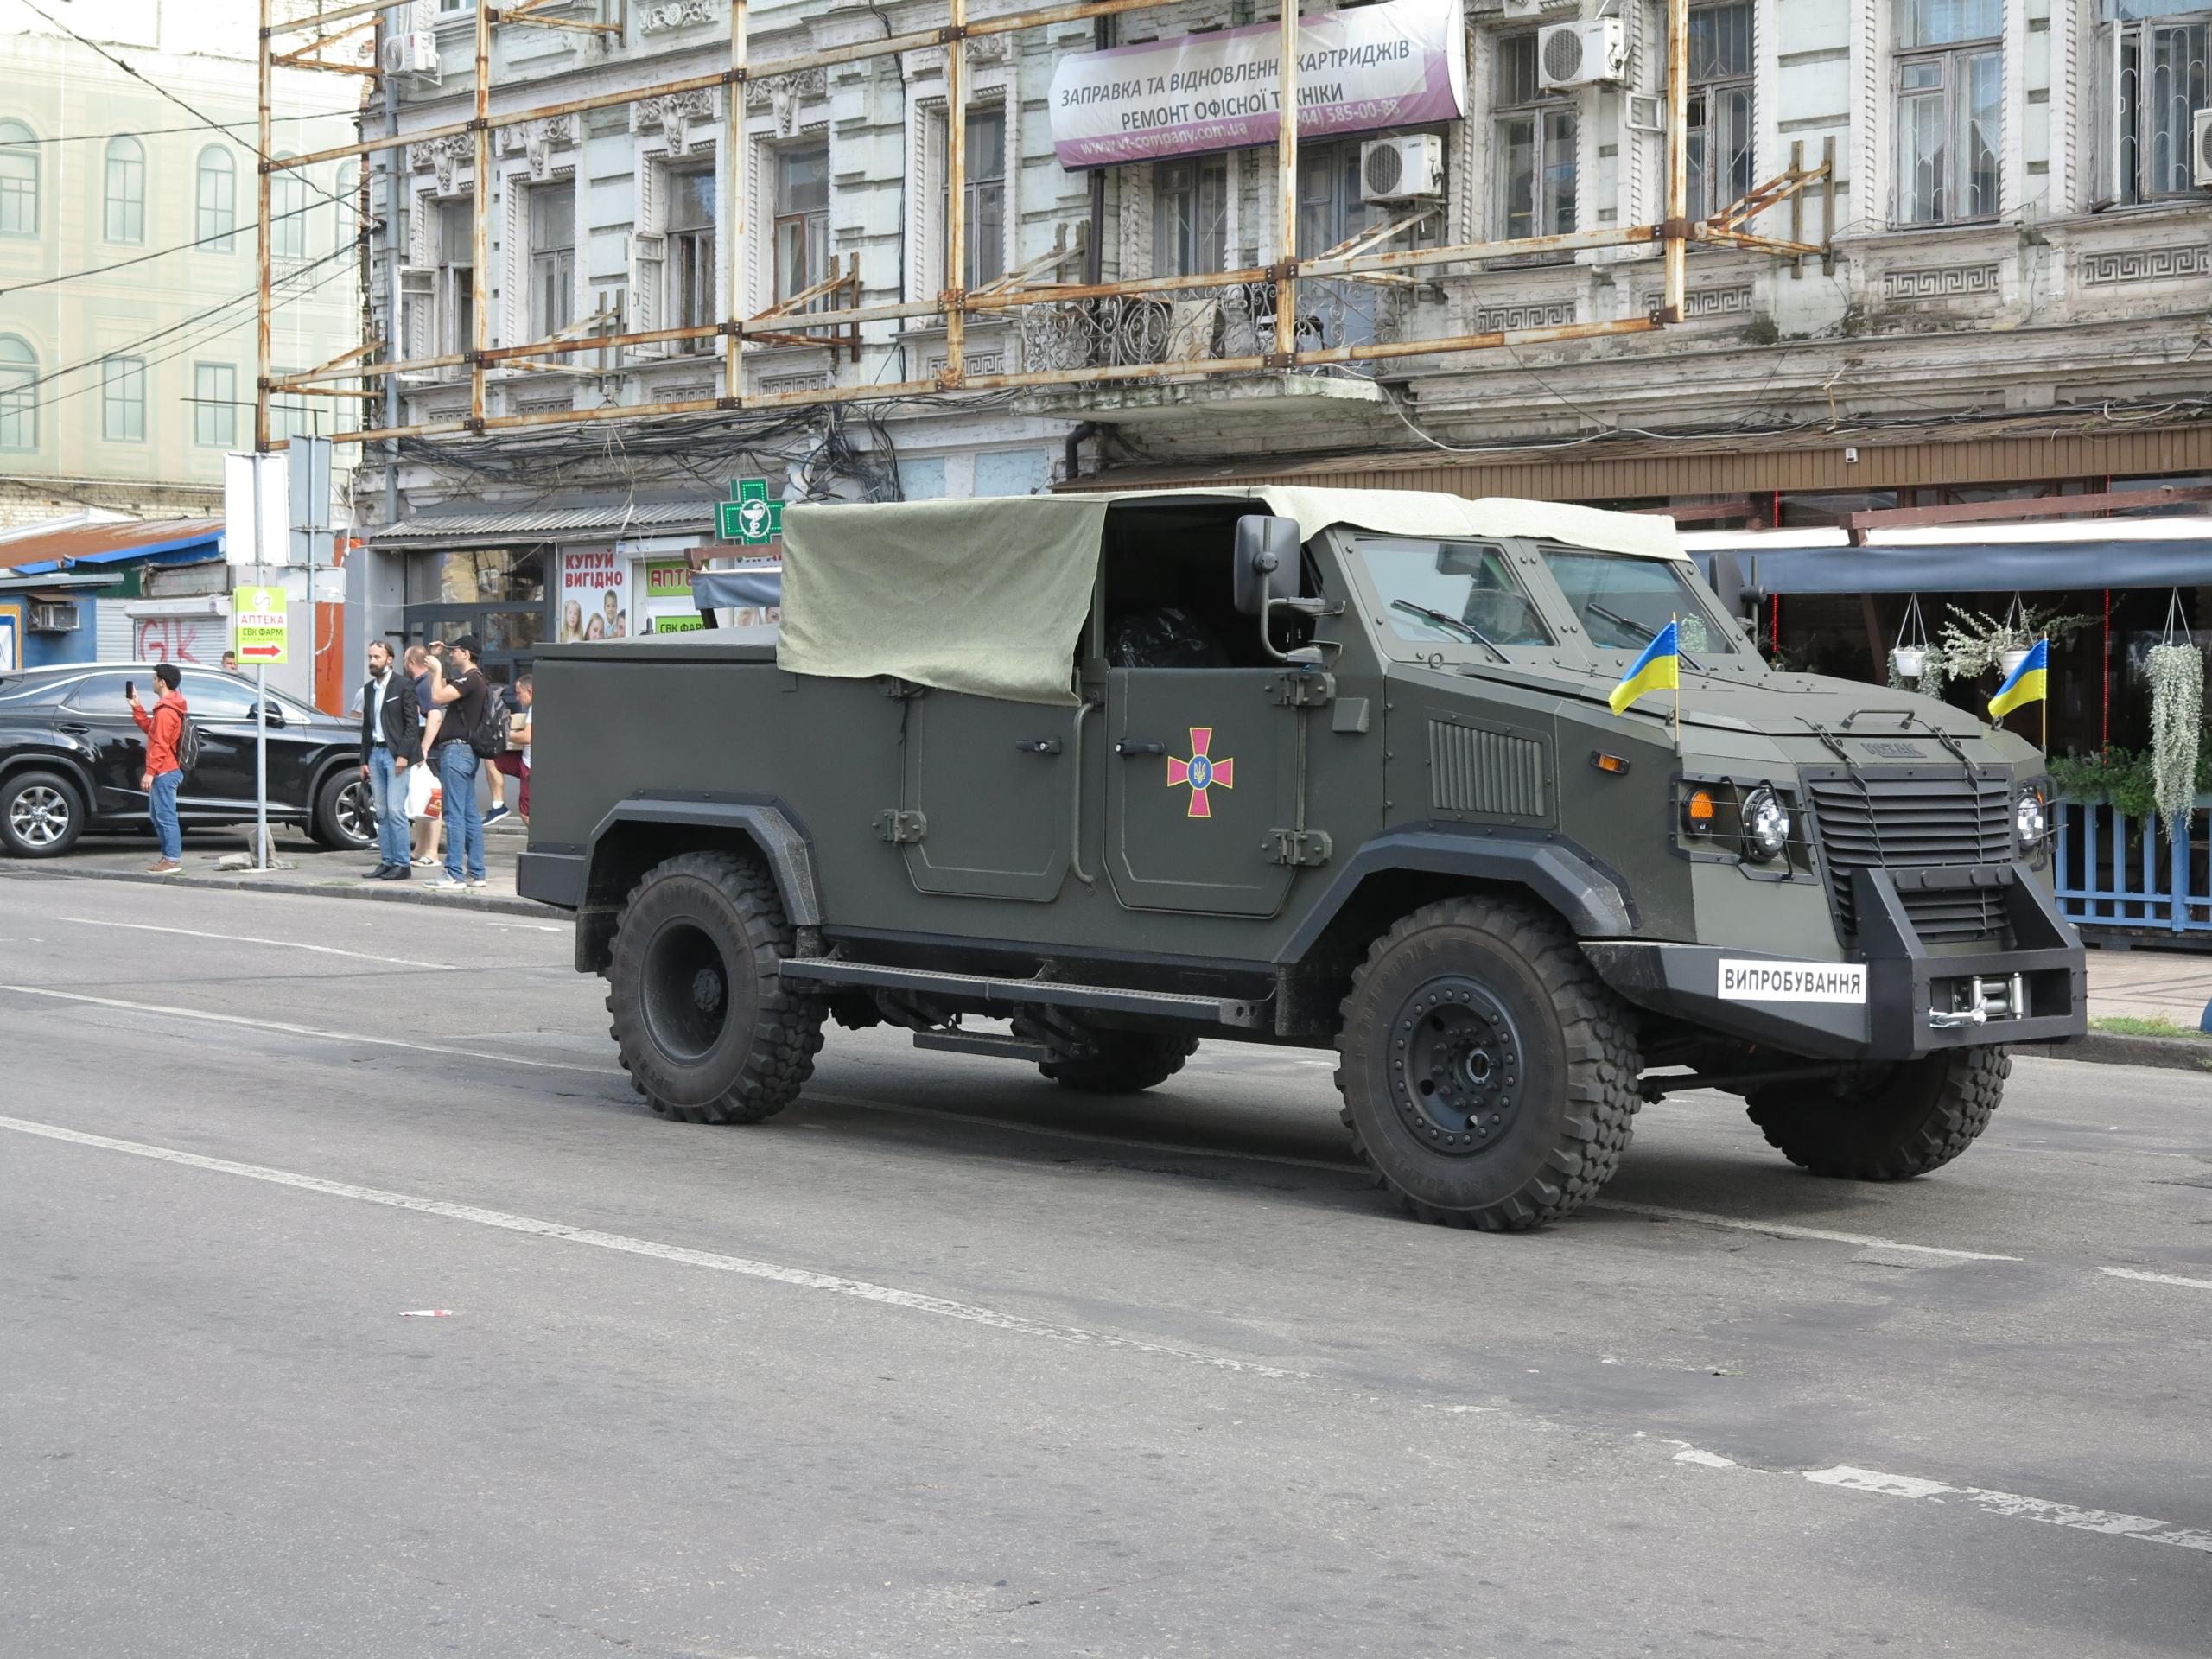 В Киеве заметили бронированный кабриолет отечественного производства 1